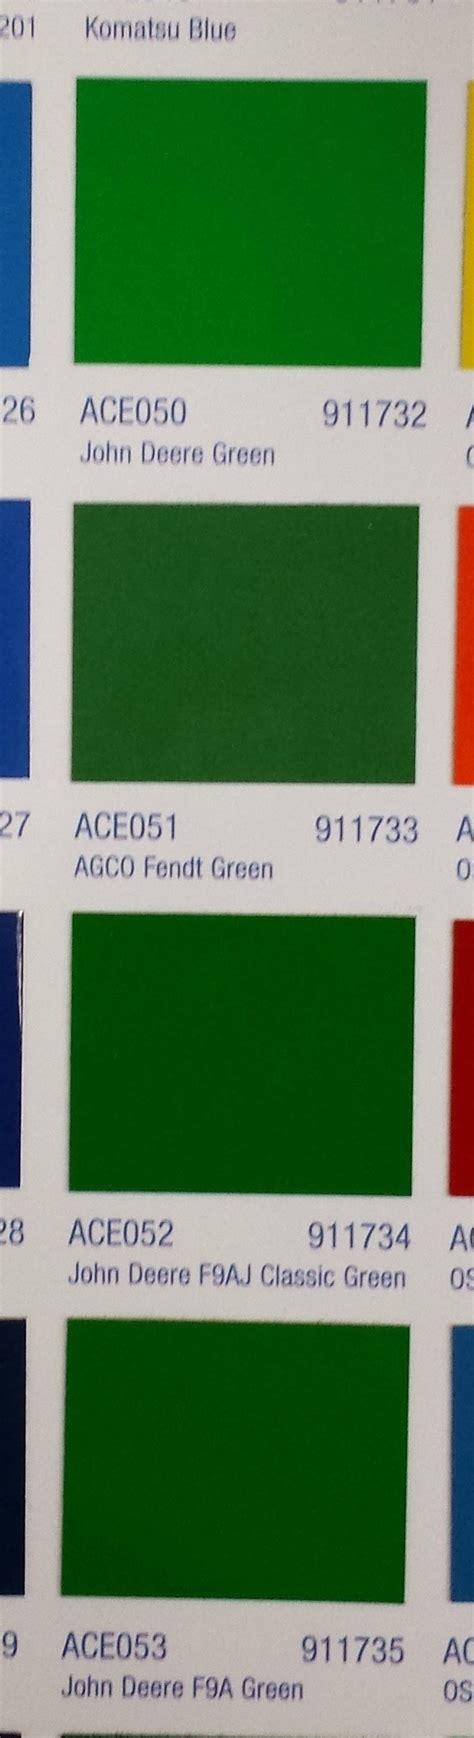 deere green ppg paint code mytractorforum the